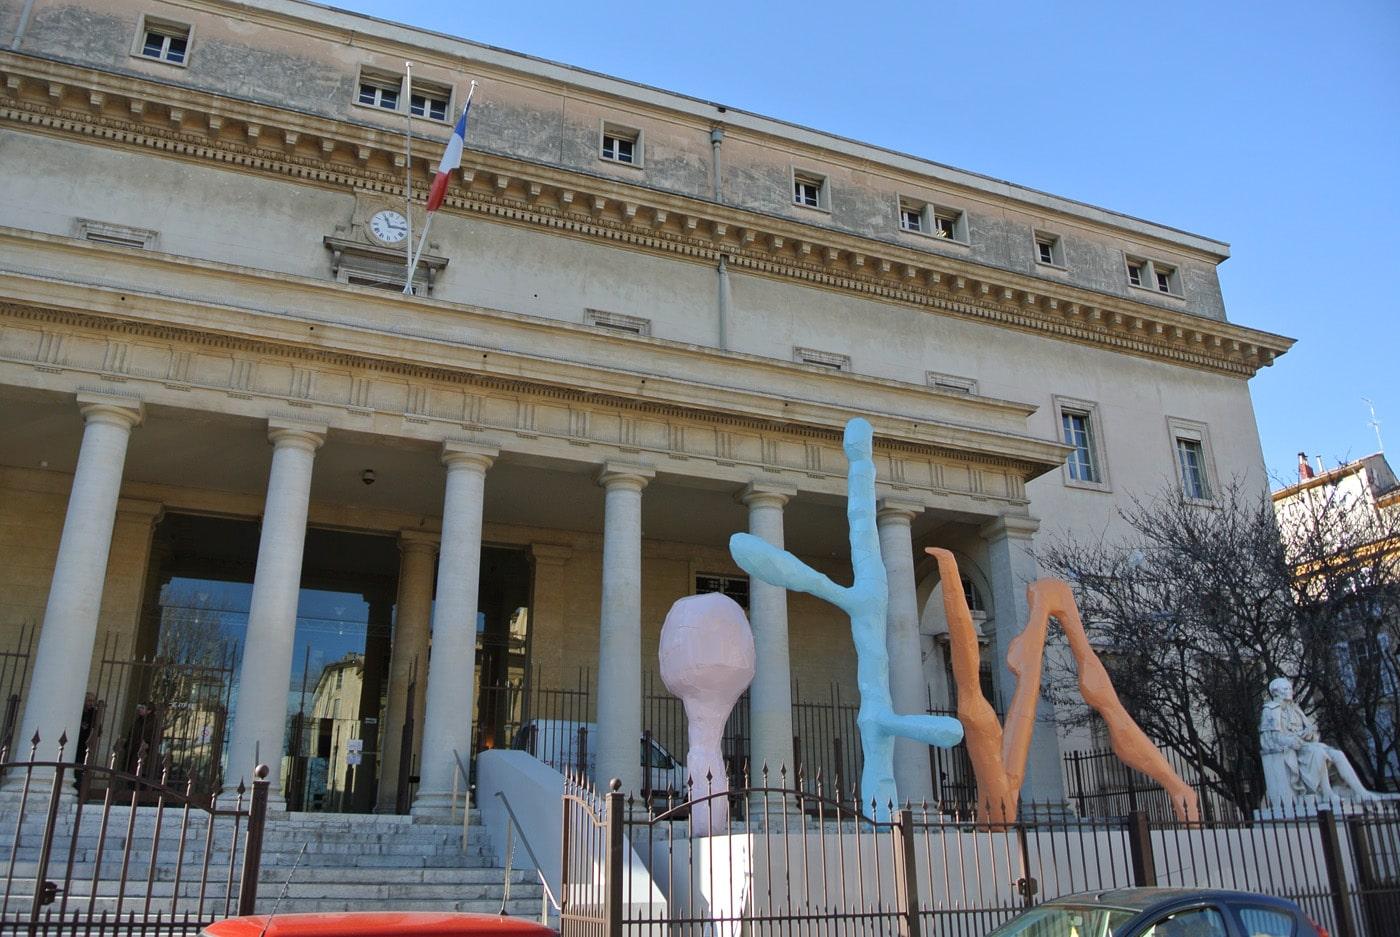 L art l endroit aix en provence mary cherry - Office des oeuvres universitaires pour le centre ...